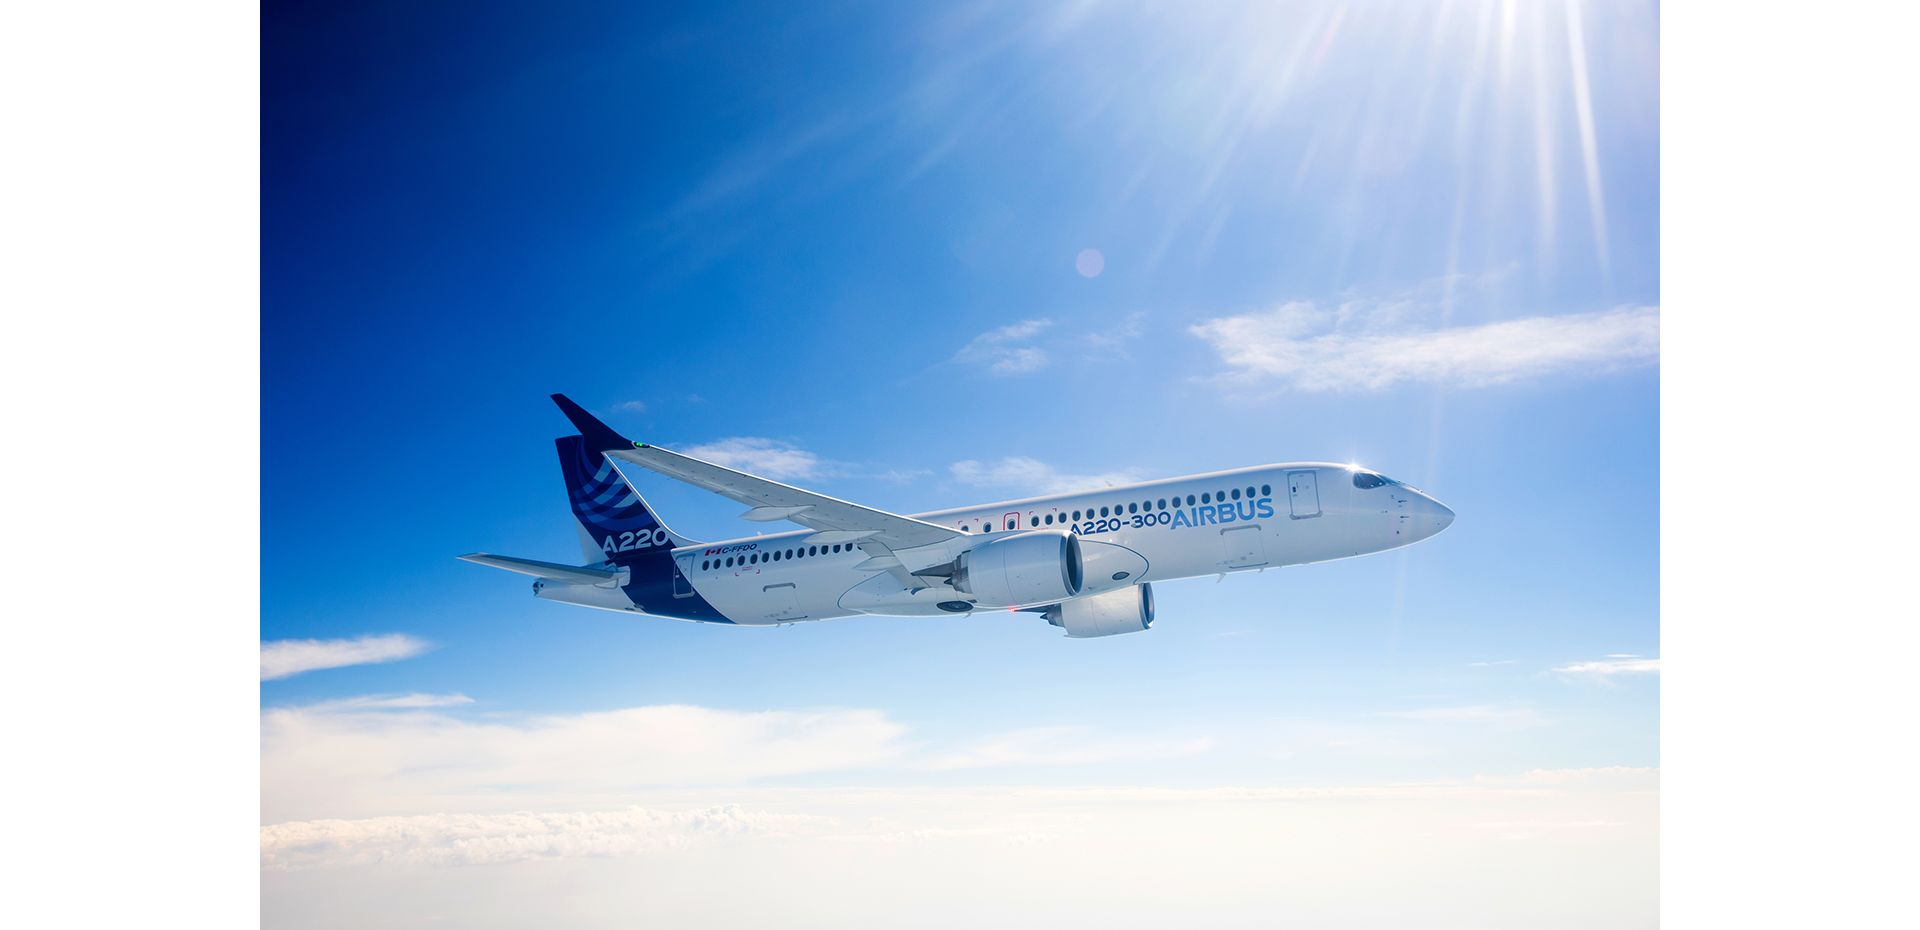 Resultado de imagen para Airbus A220